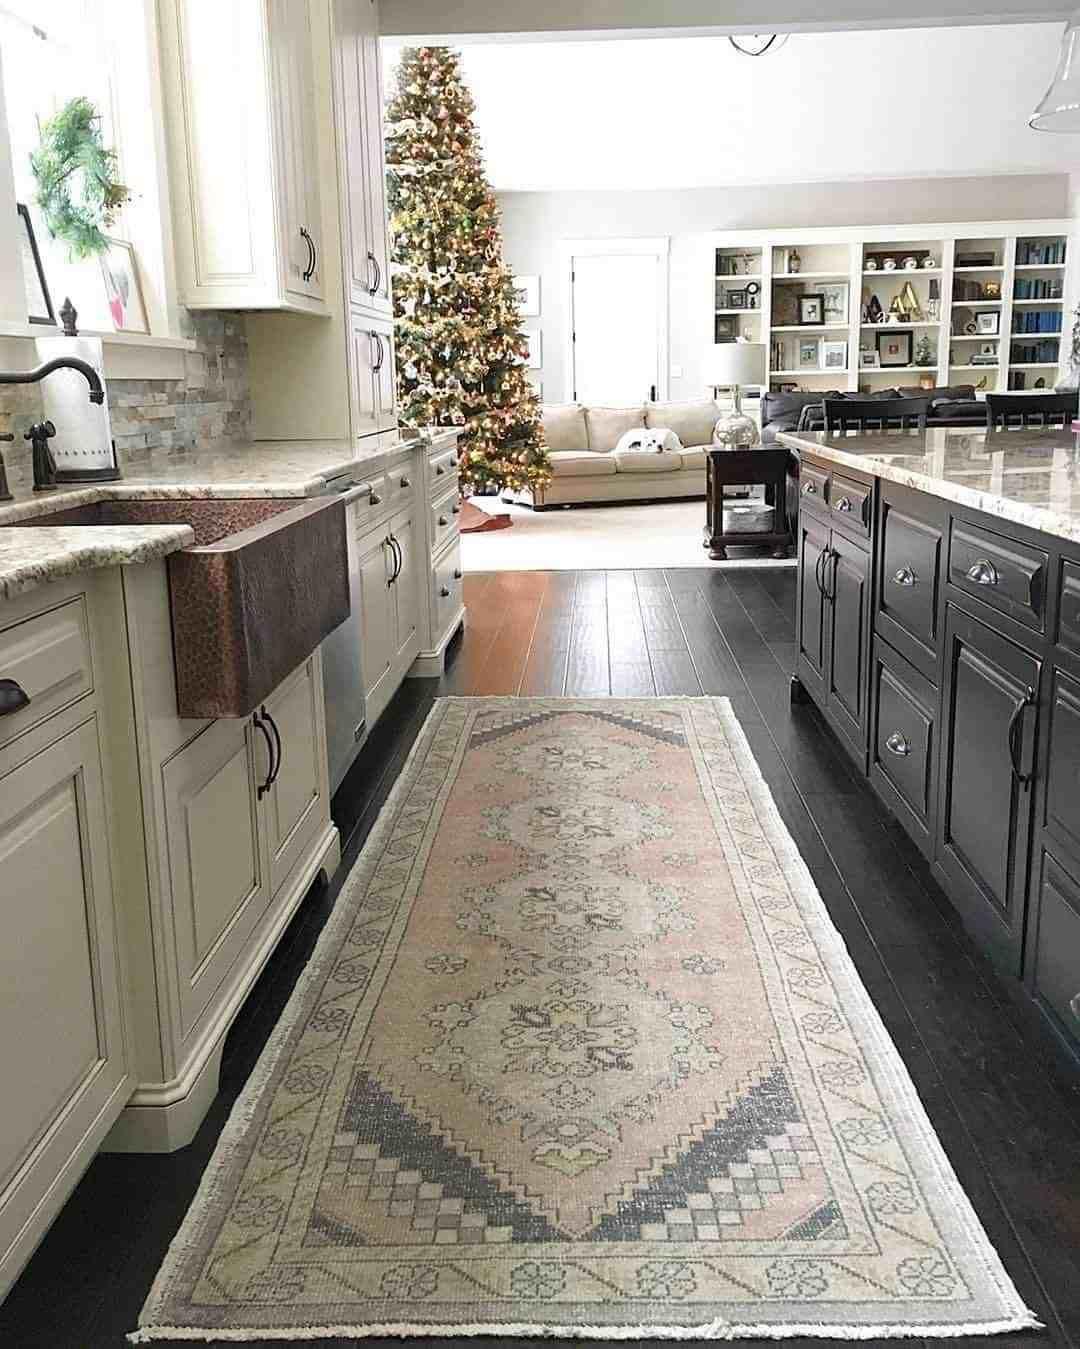 Kitchen Floor Mats Comfort And Ergonomic Type Of Mats Farmhouse Kitchen Decor Modern Kitchen Rugs Kitchen Flooring